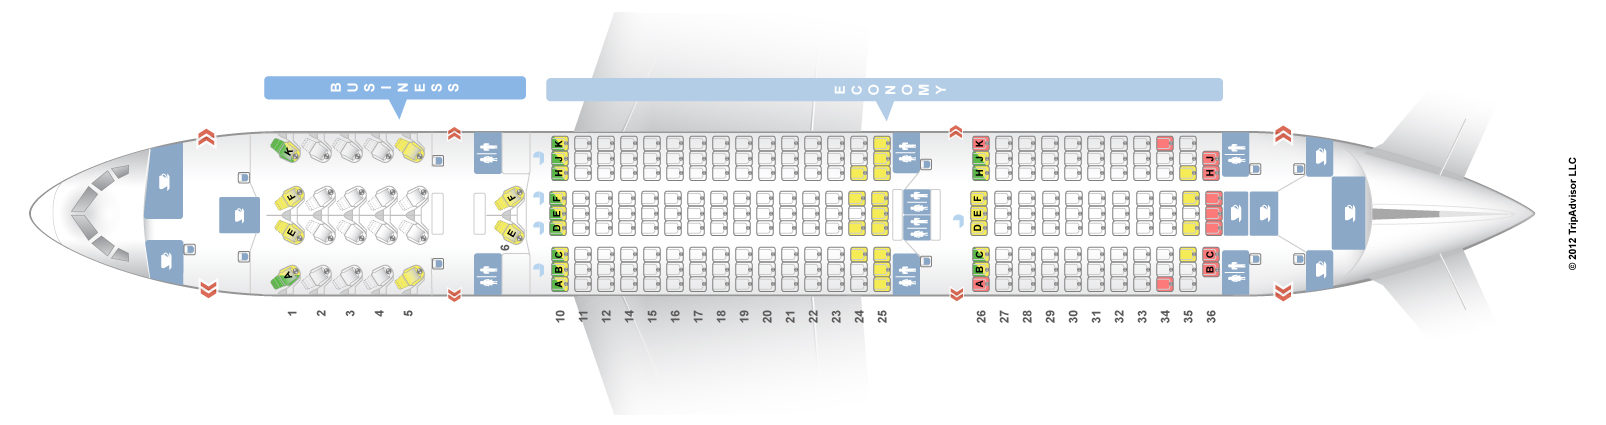 Схема боинг 737-800 россия схема салона.